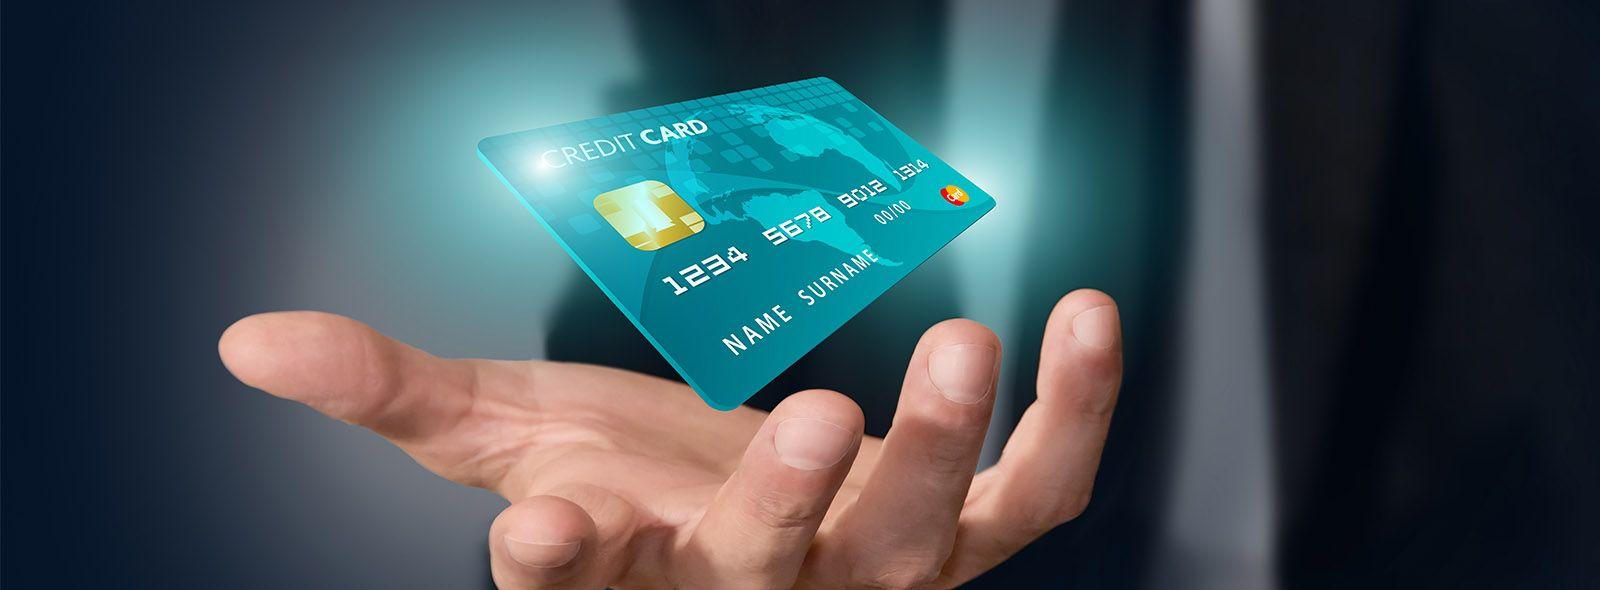 Cvc Carta Di Credito Trovami